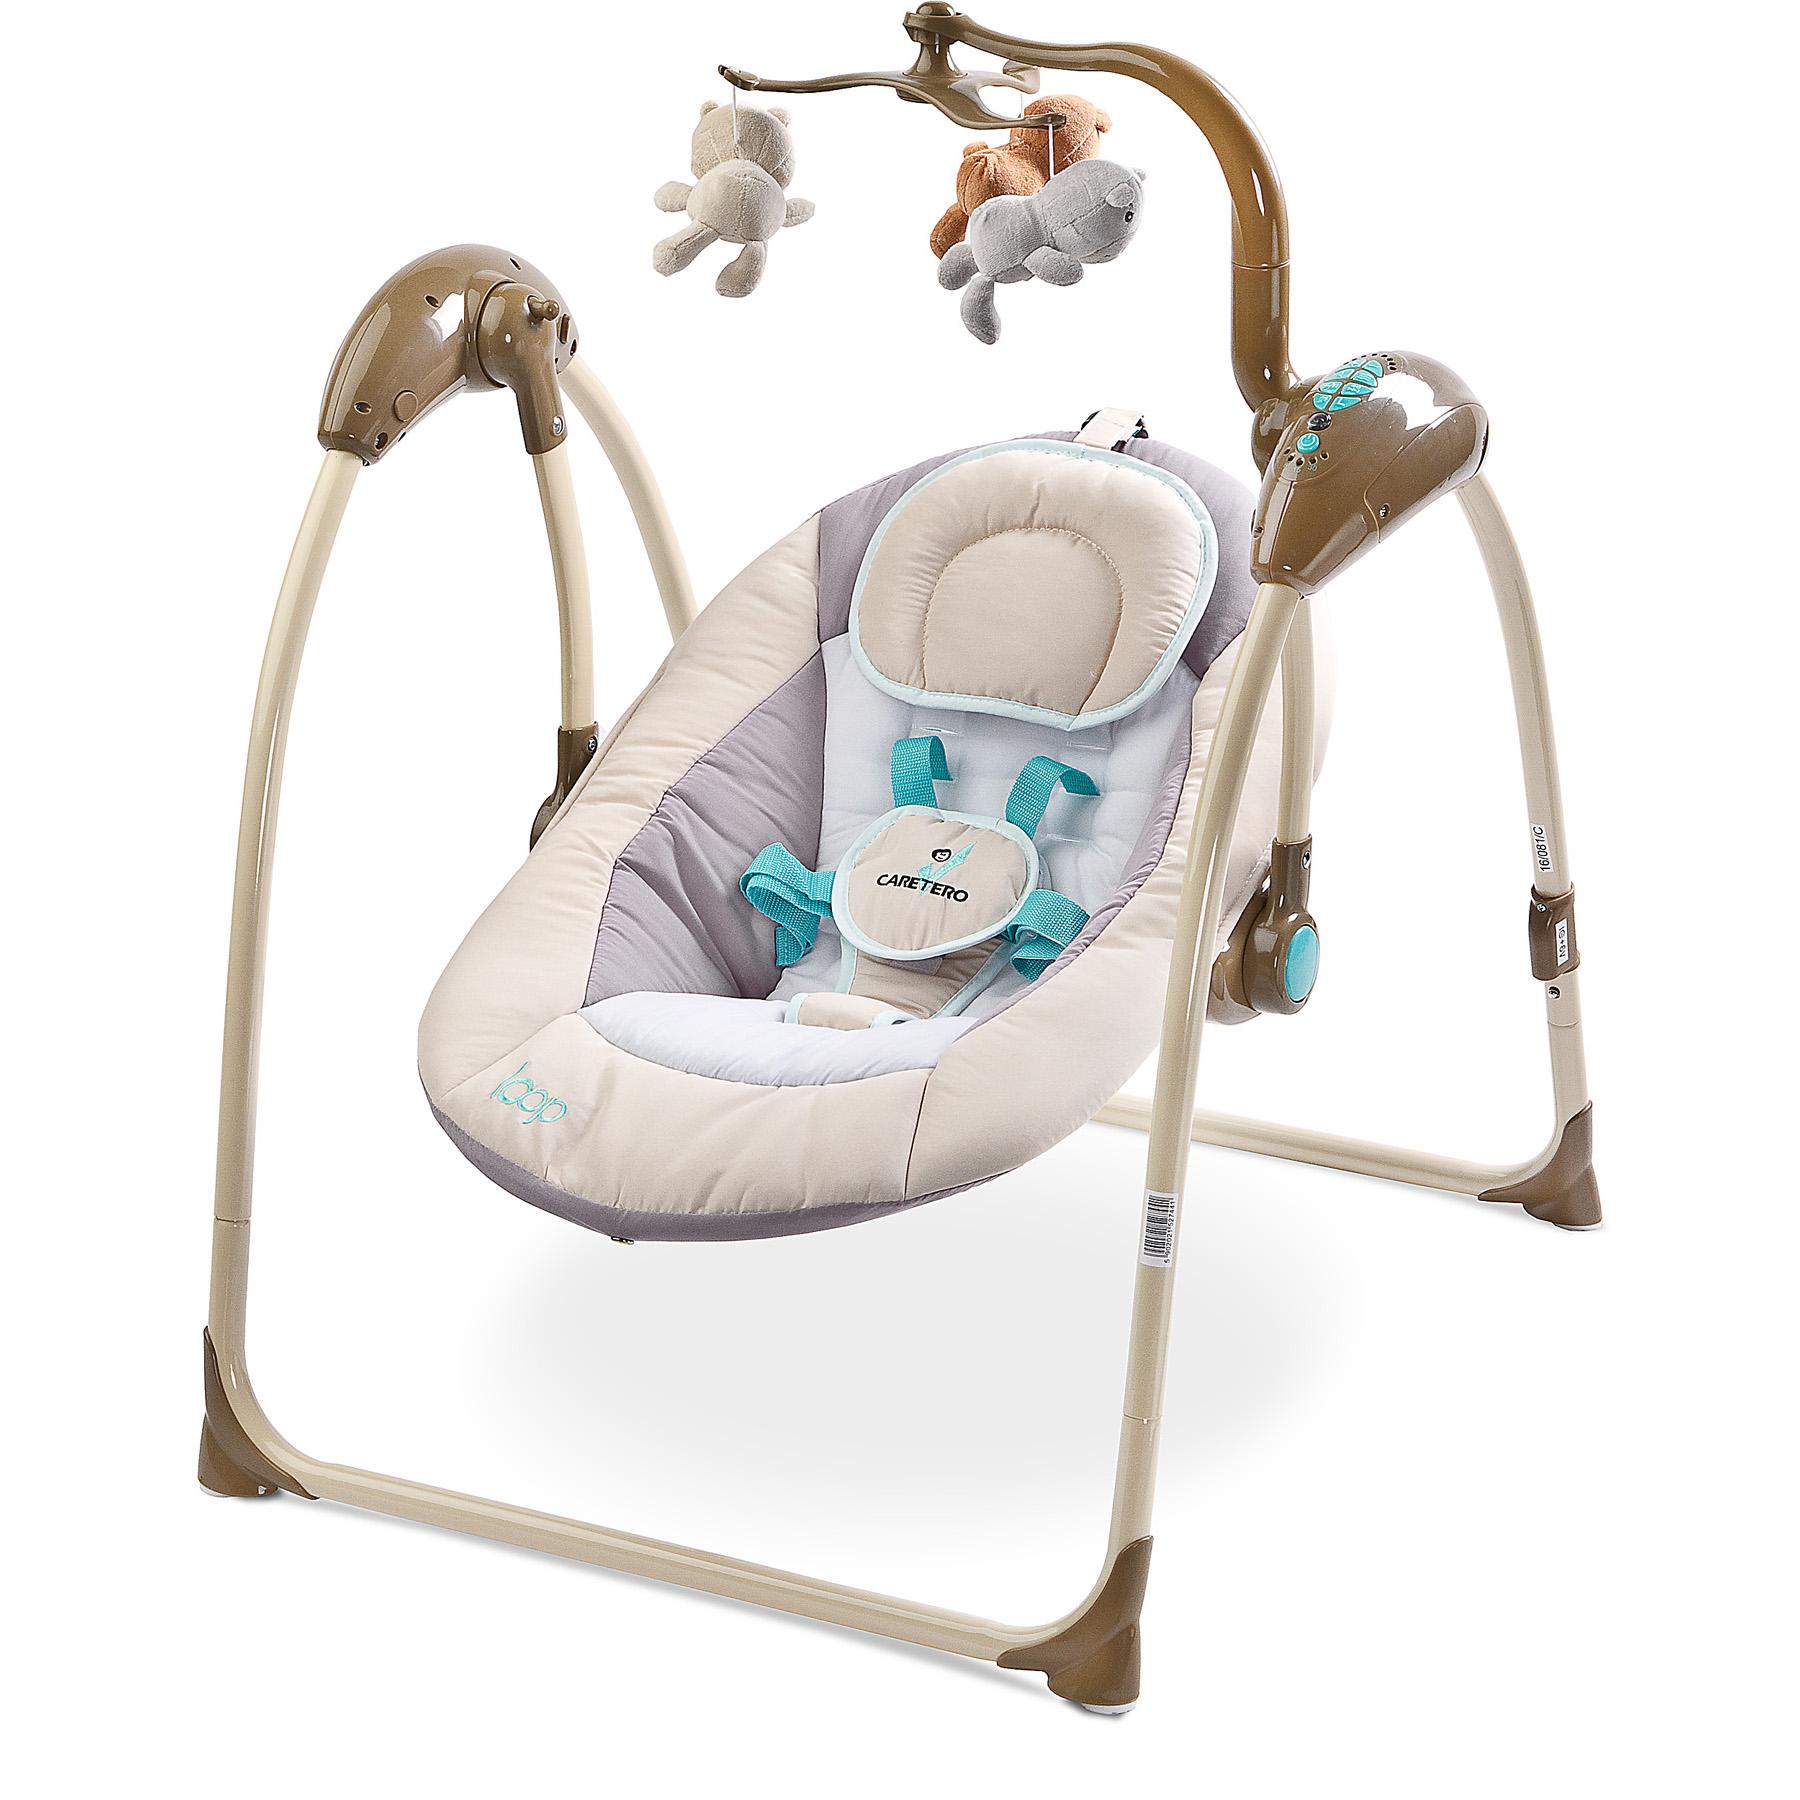 Elektrische Babywippe Babyschaukel Babysitz Wippe Schaukel LOOP ...